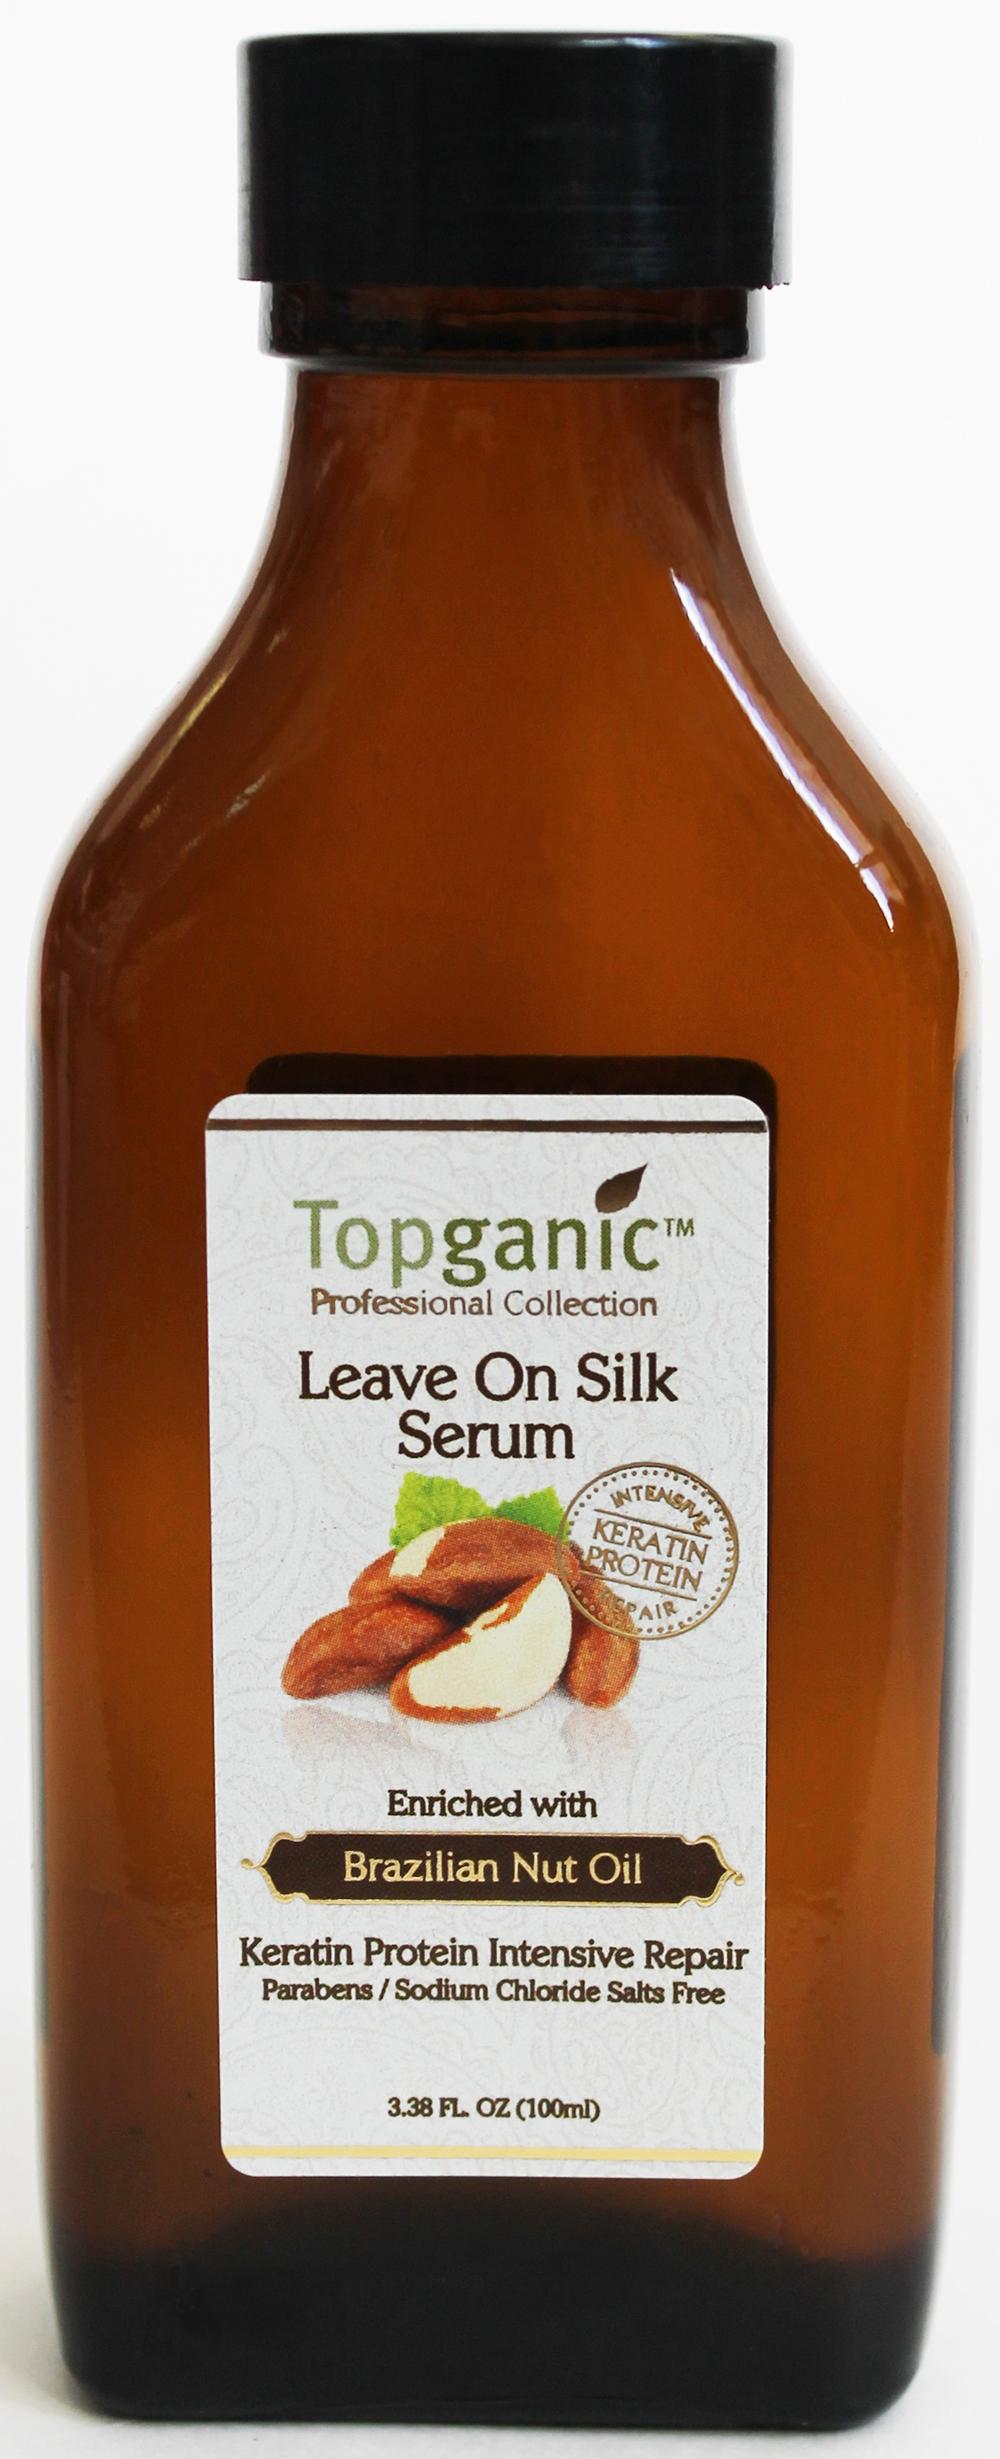 Topganic Serum.jpg